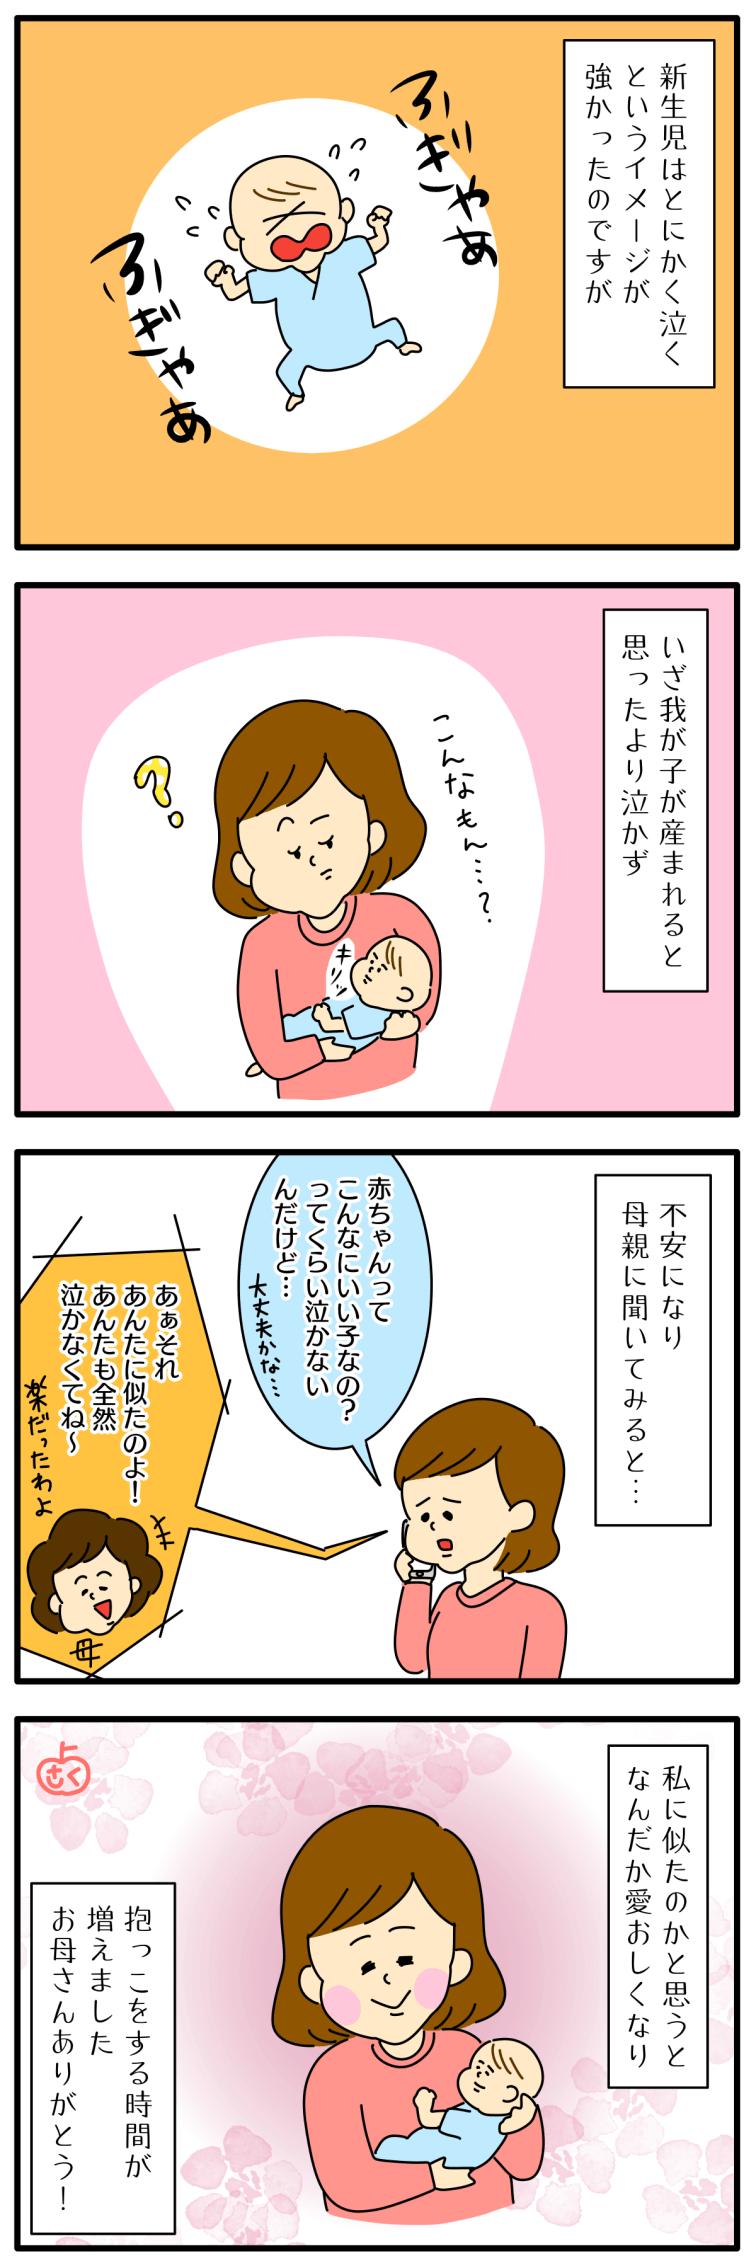 新生児が泣かないことについての永岡さくら(saku)子育て4コマ漫画